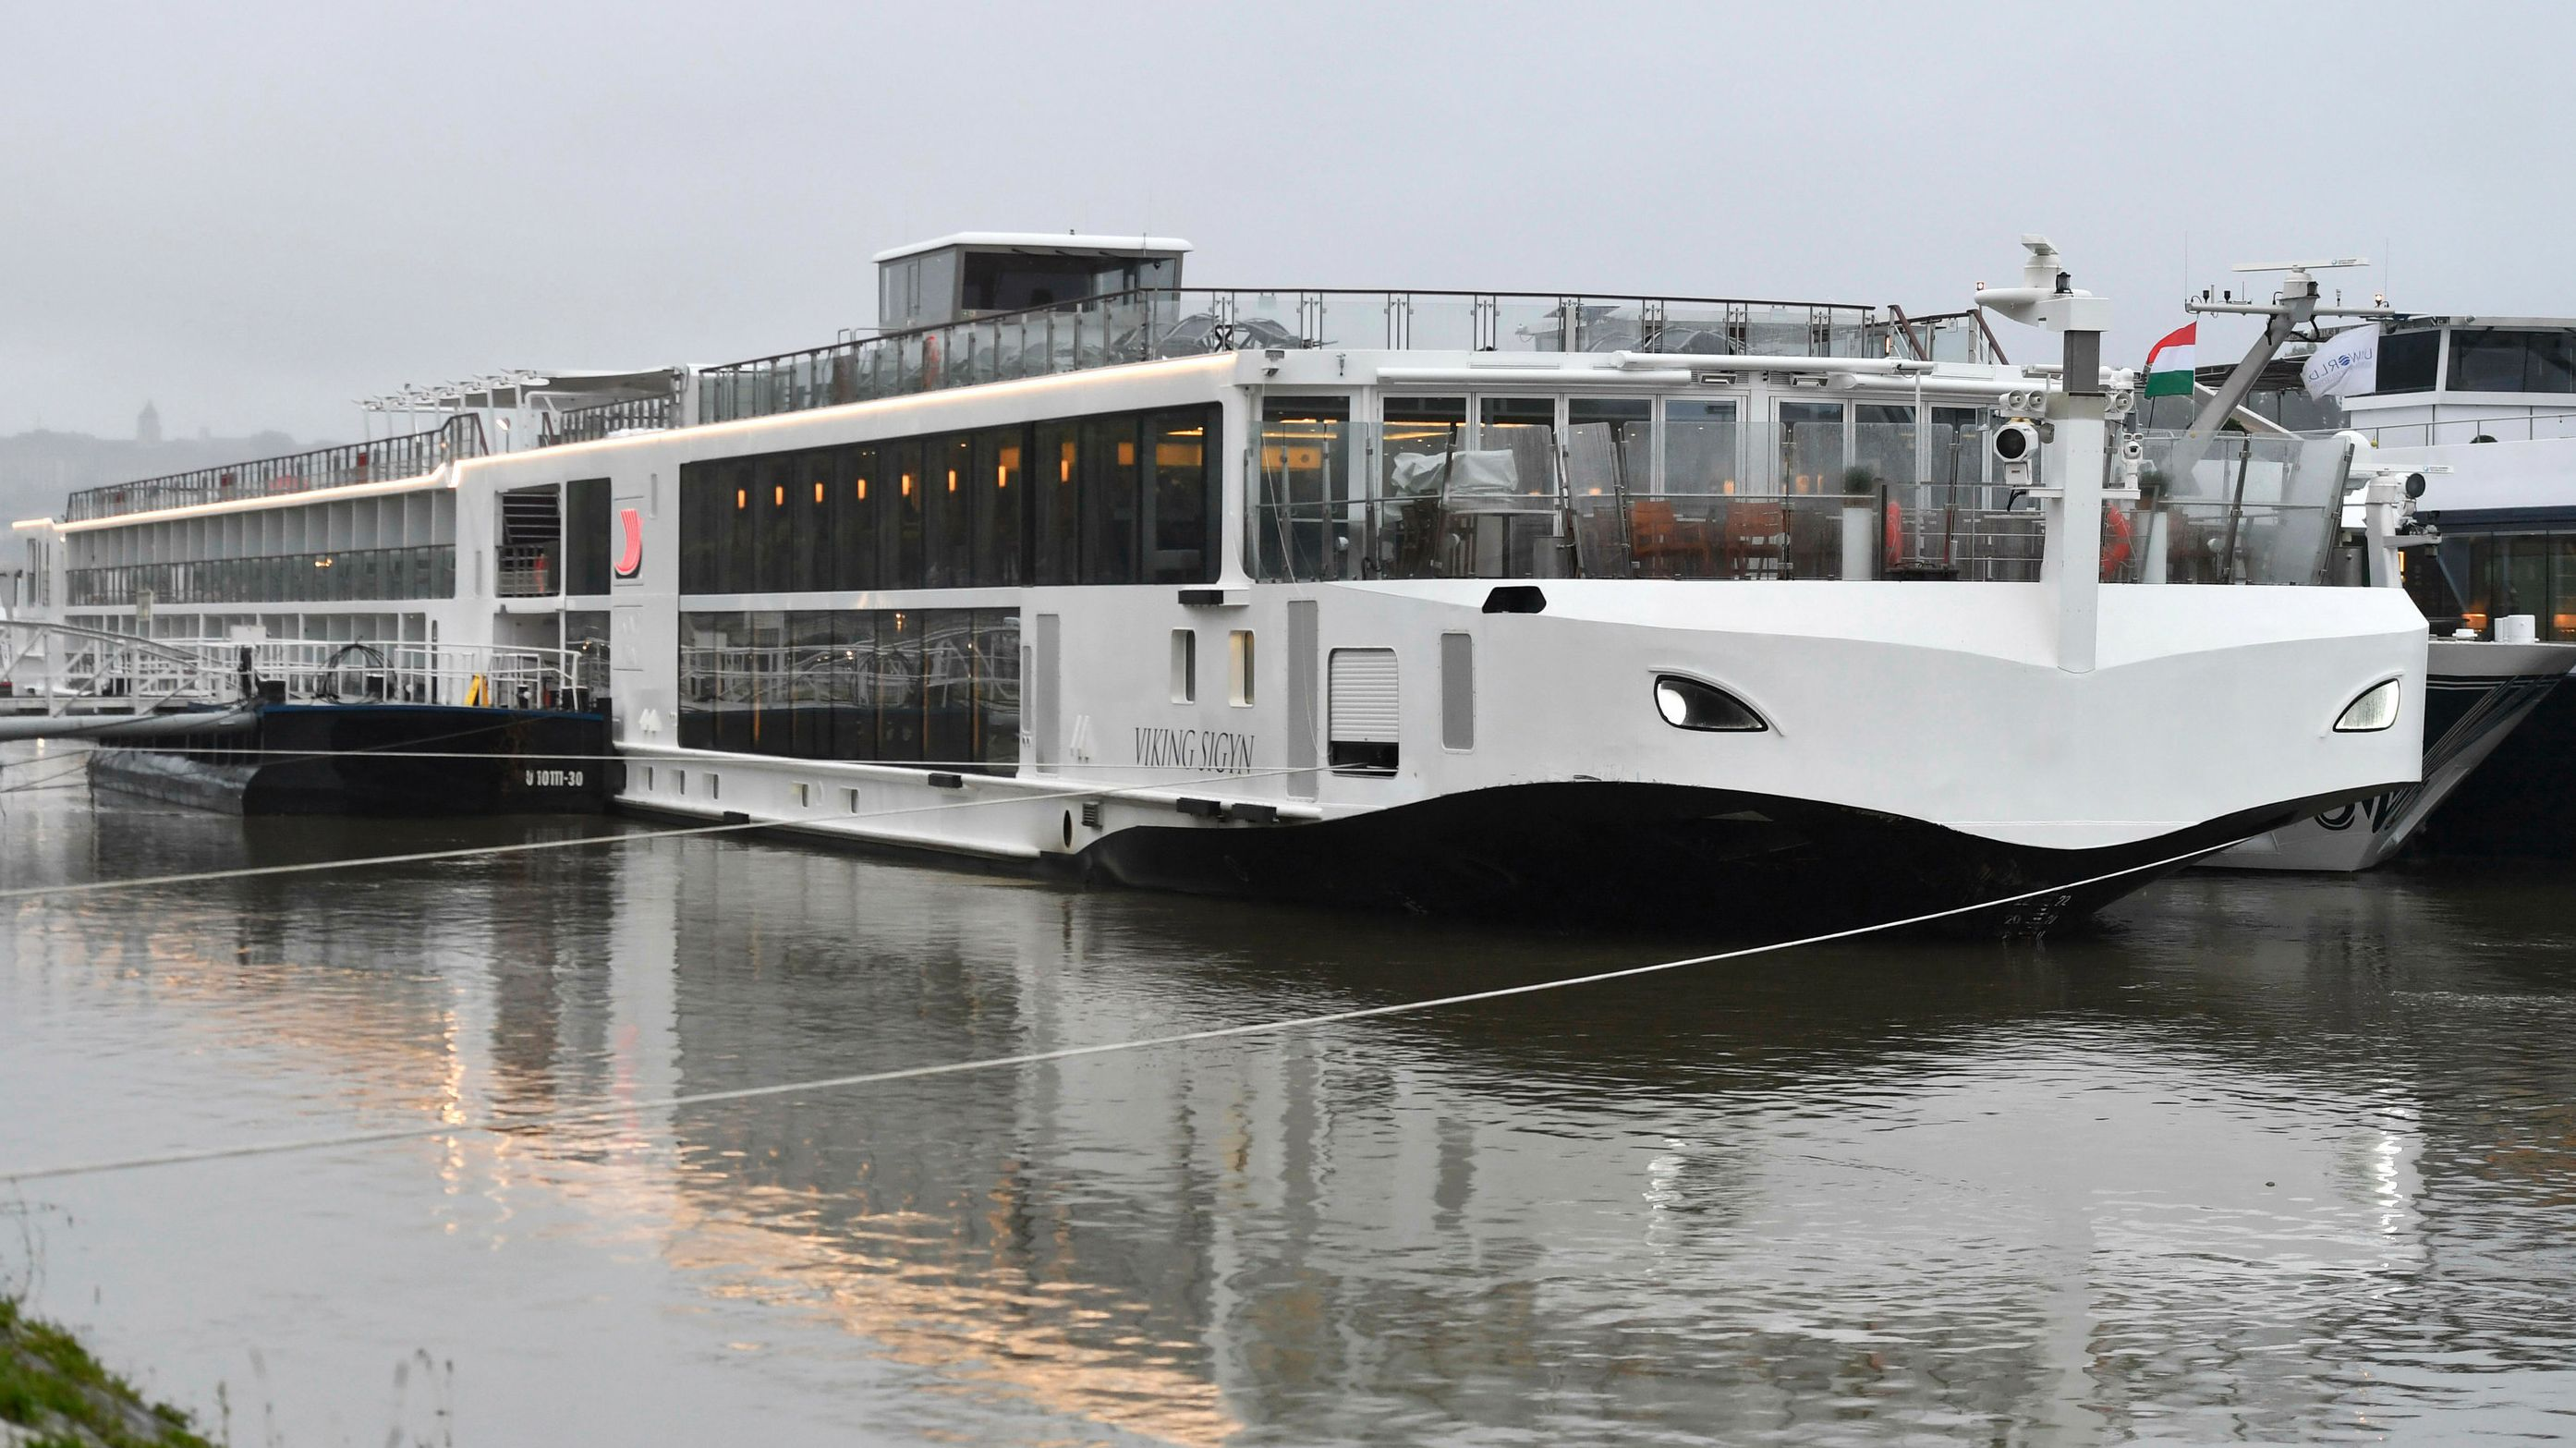 Das Flusskreuzfahrschiff Viking Sigyn, mit dem es zum Zusammenstoß kam